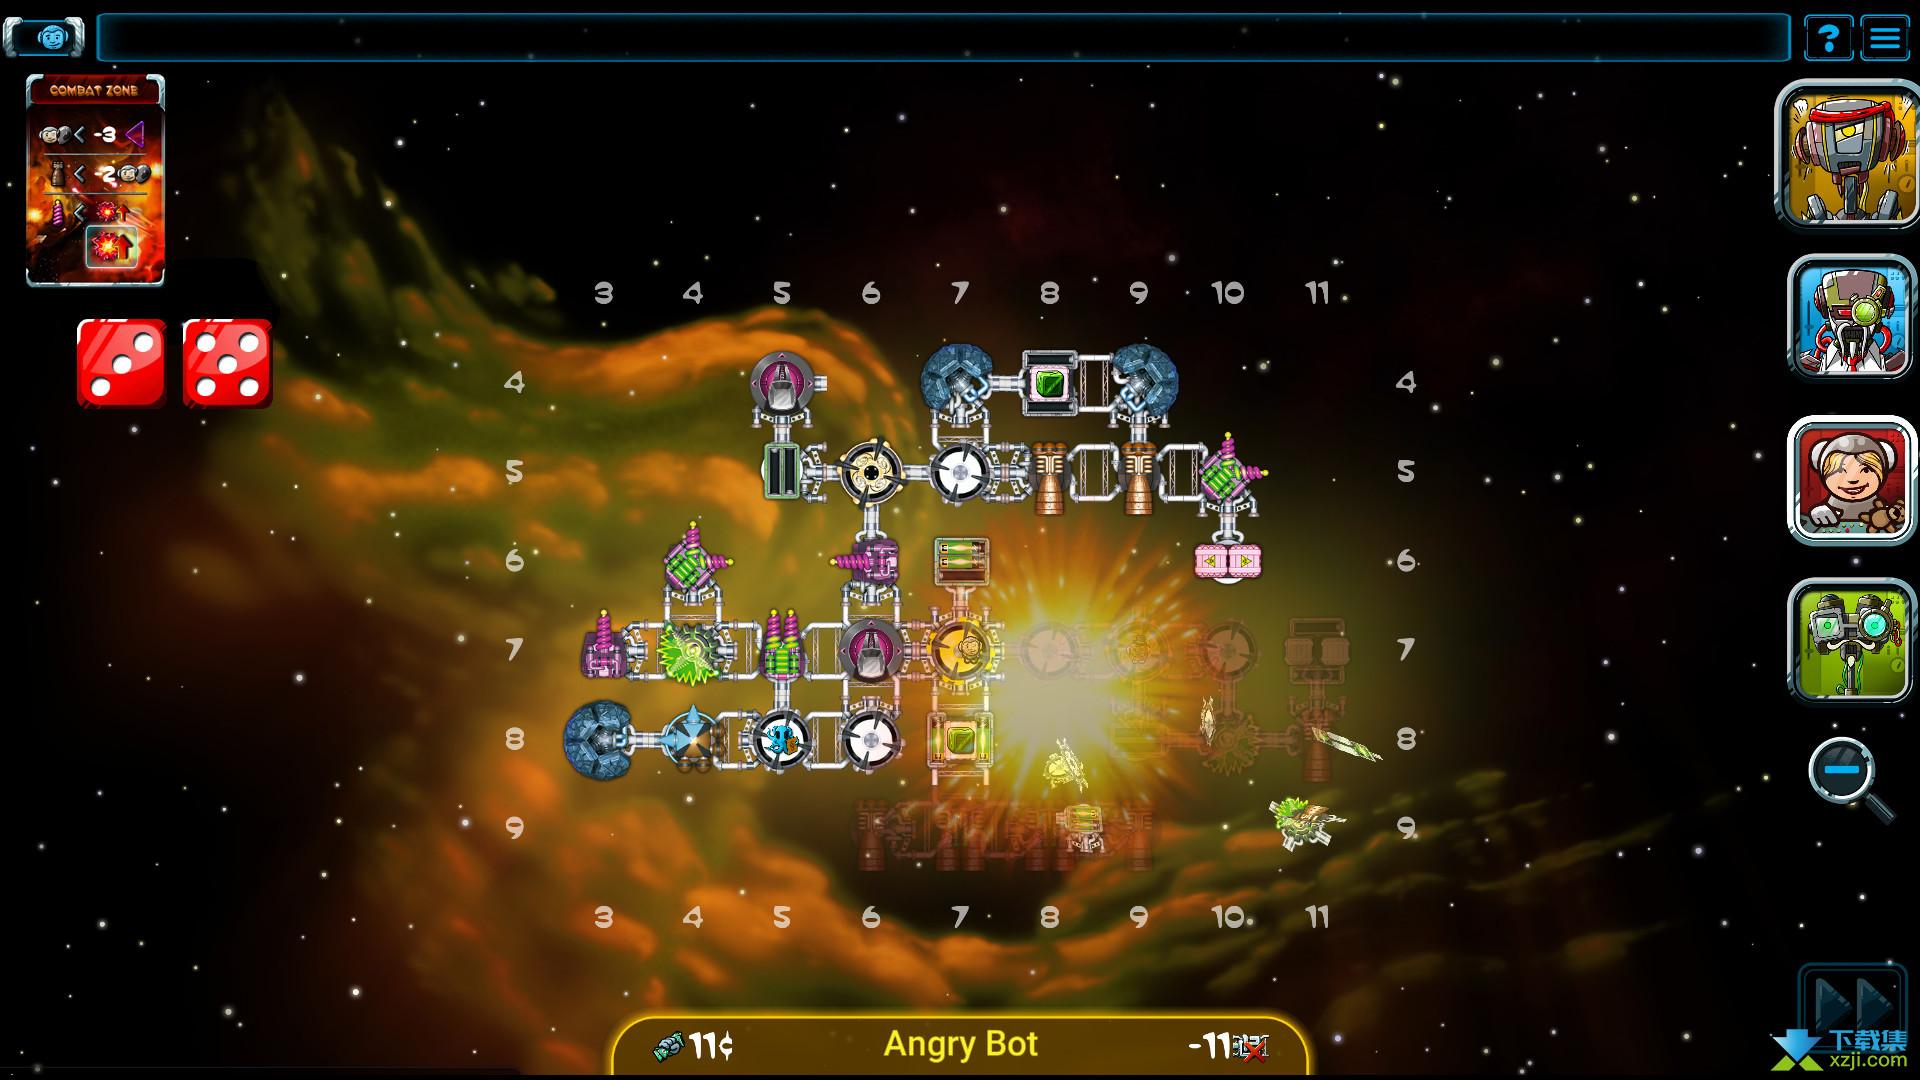 银河卡车司机扩展版界面4